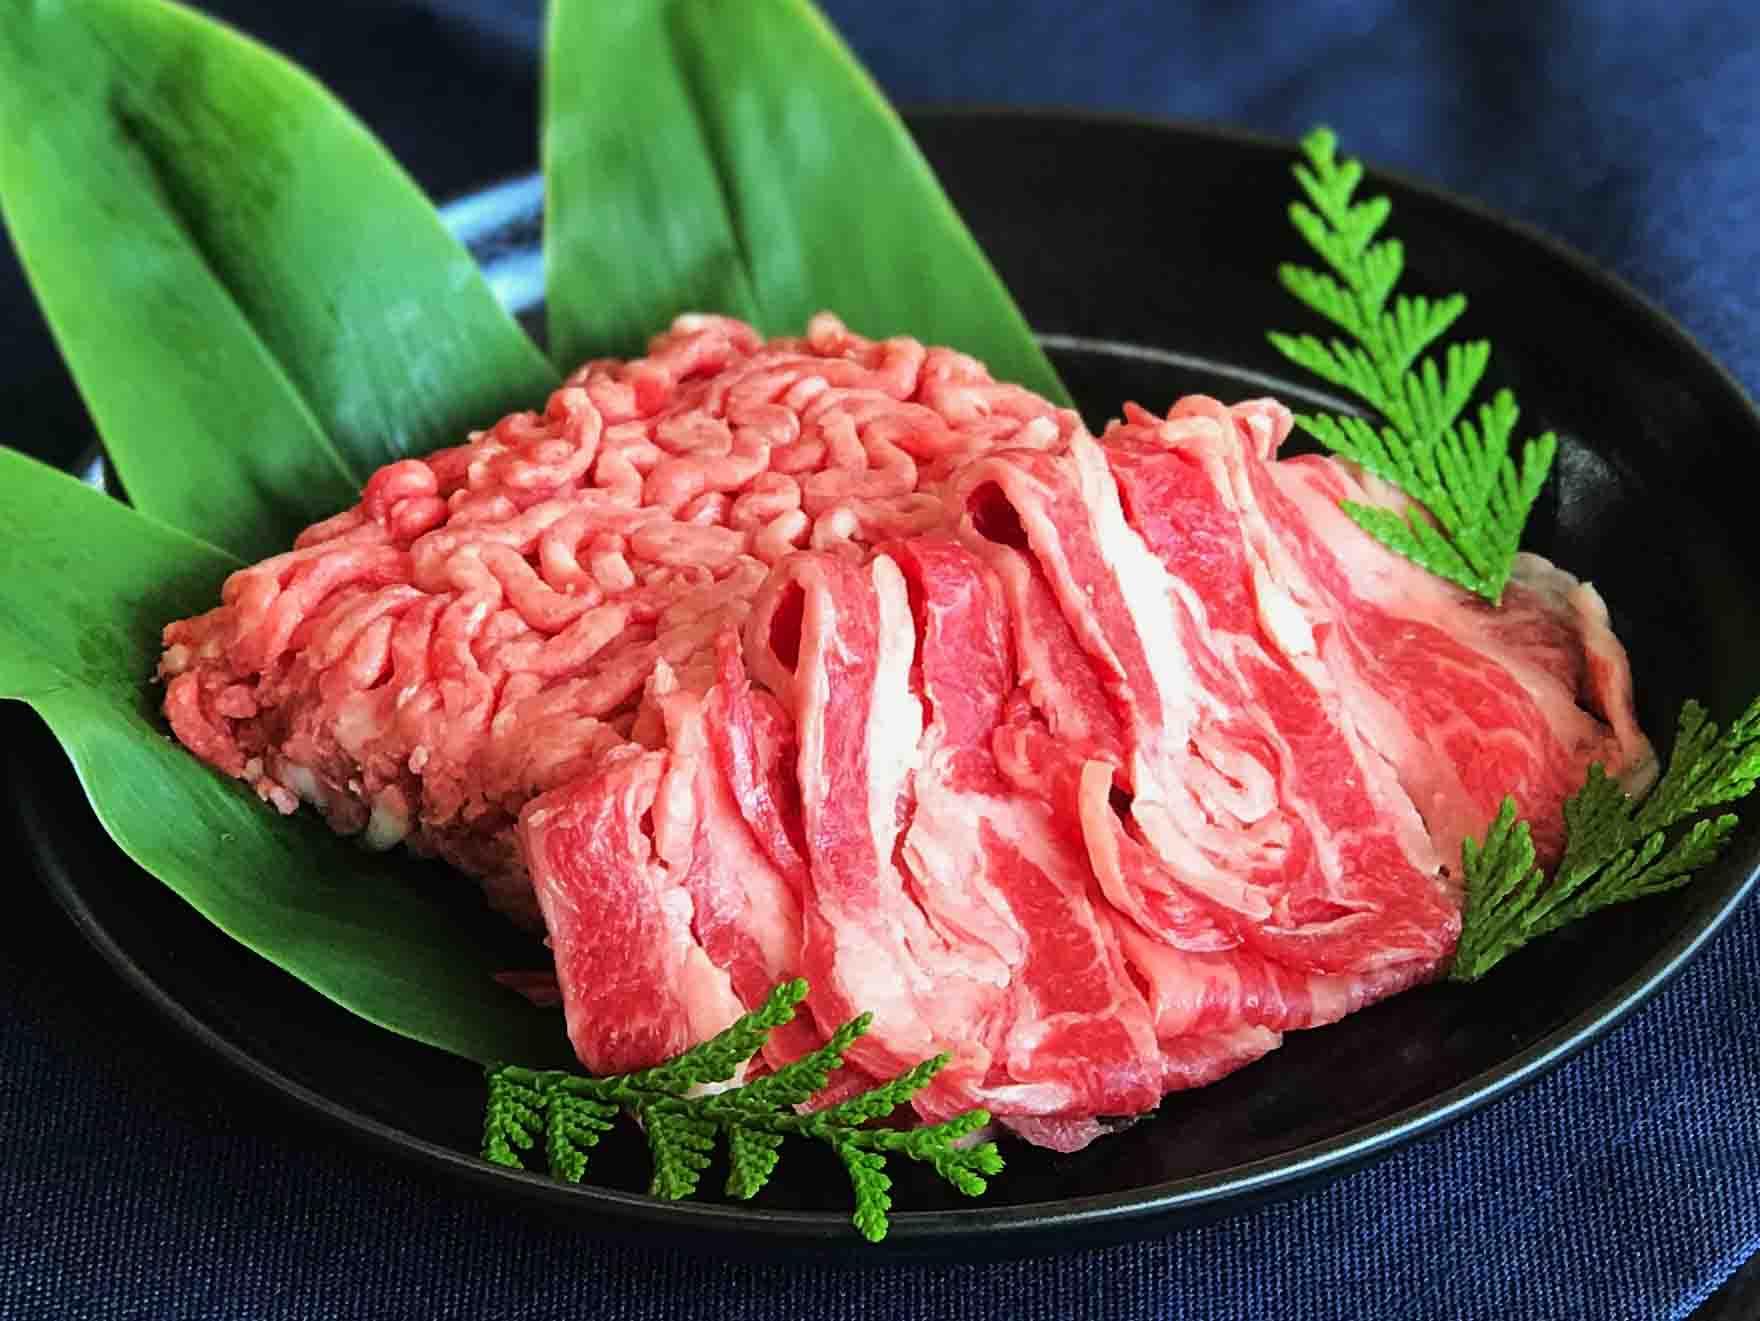 鹿児島県産黒毛和牛肉を使用